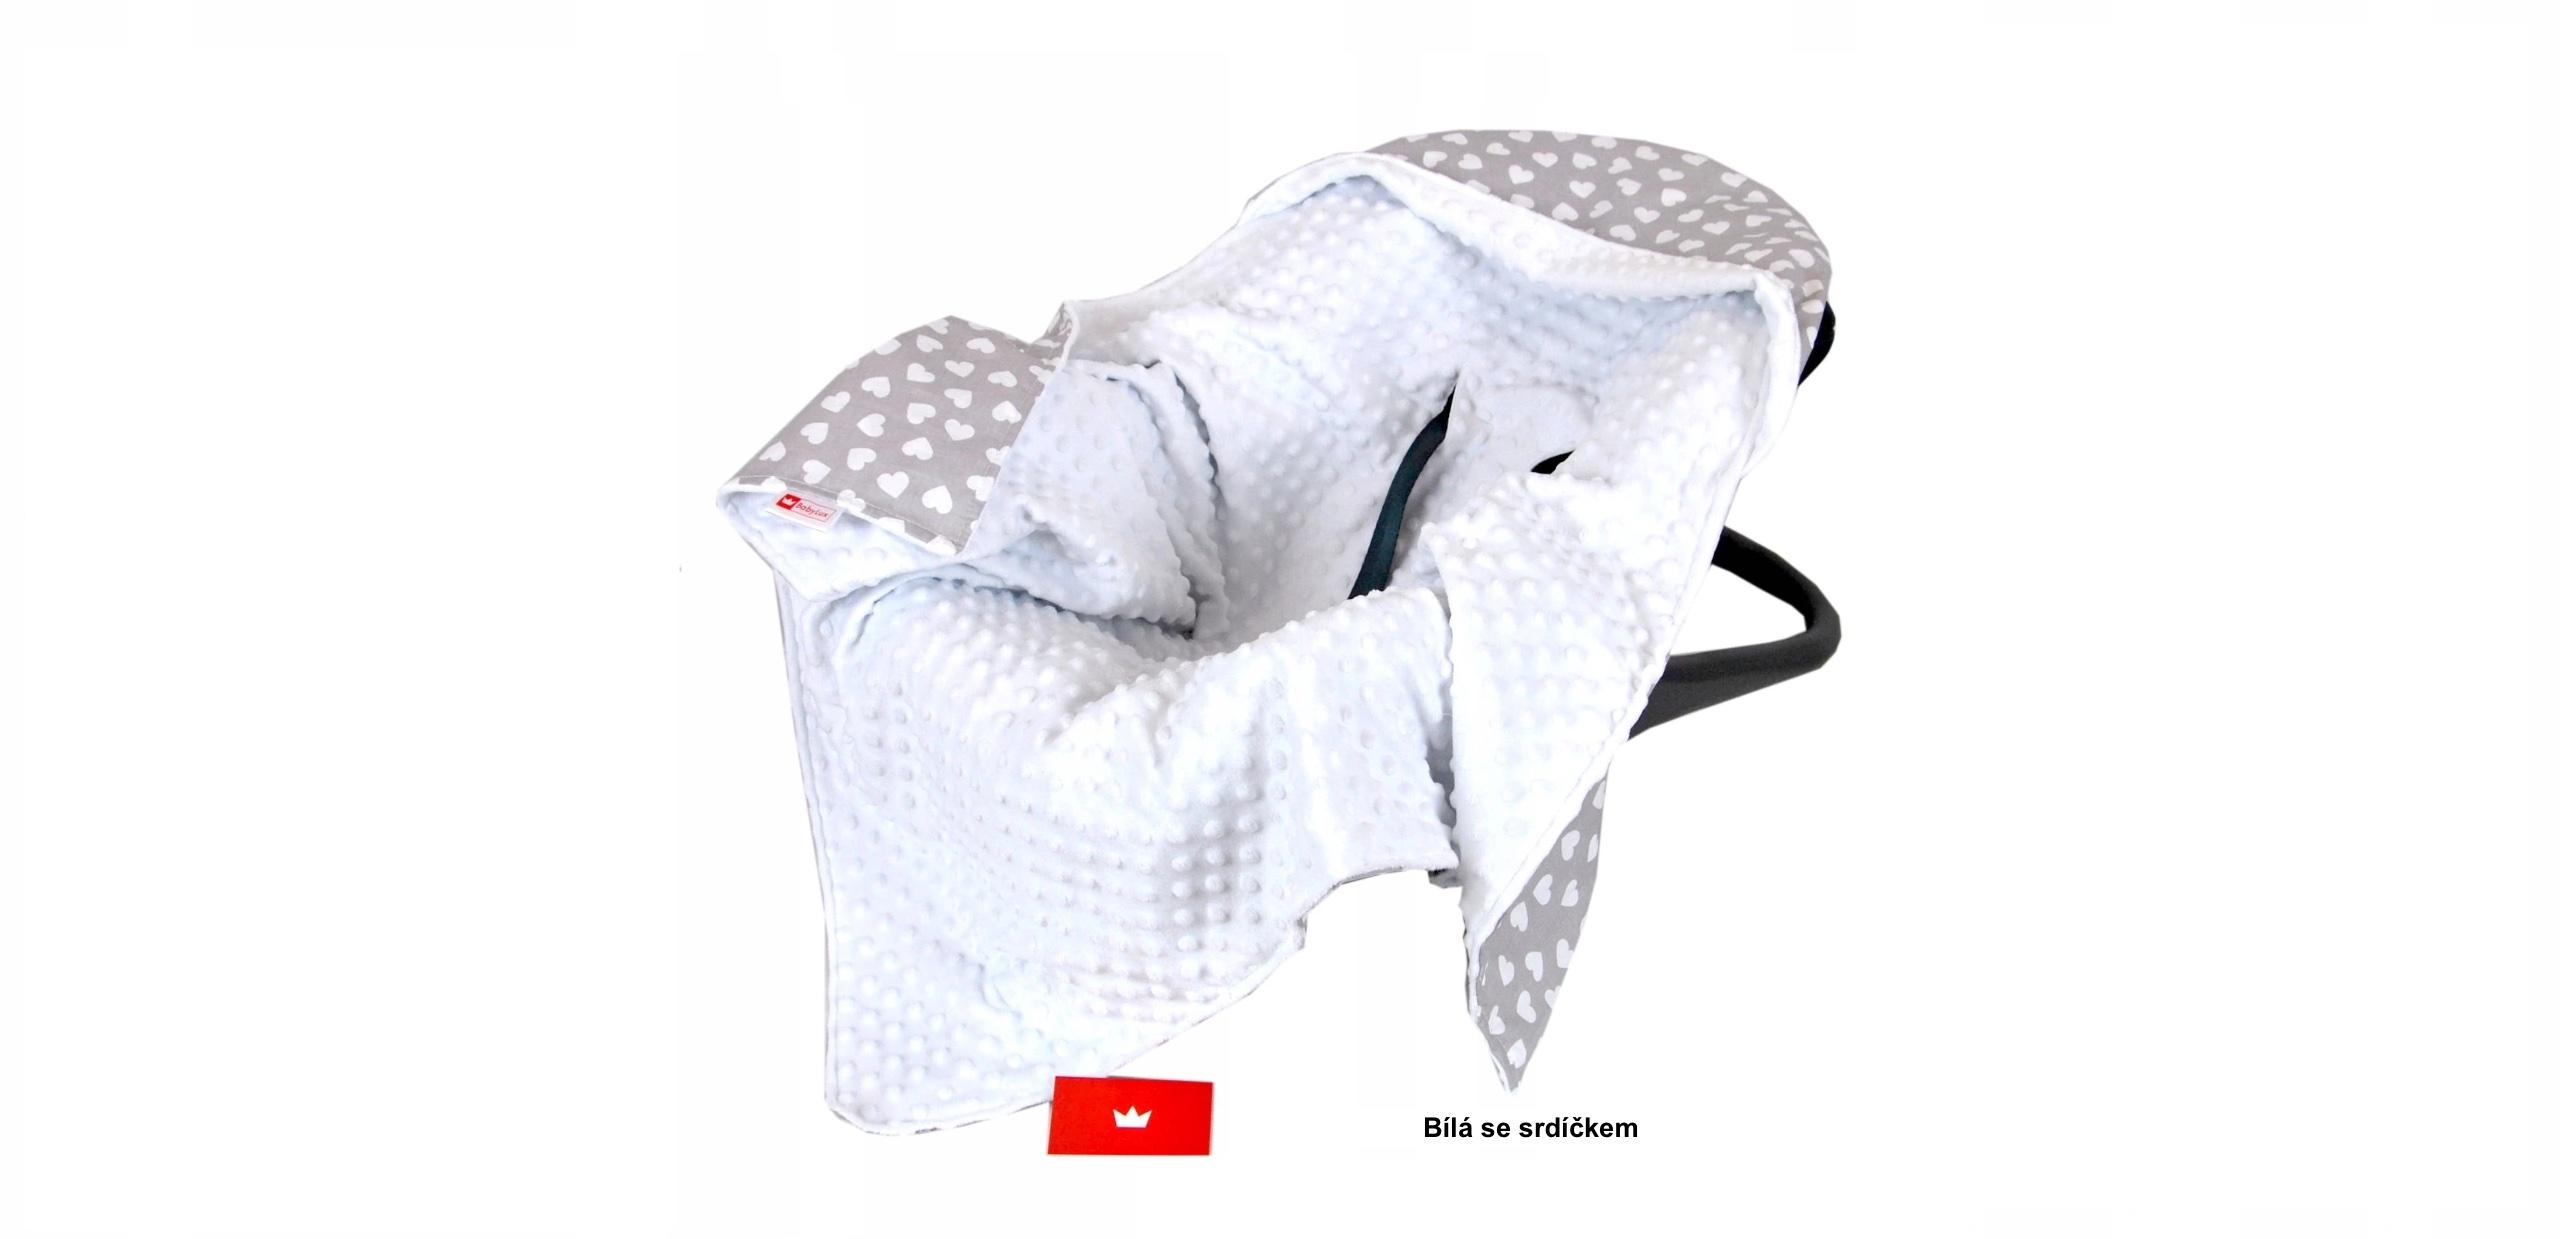 Nell Zavinovací deka do autosedačky - bílá - srdíčko